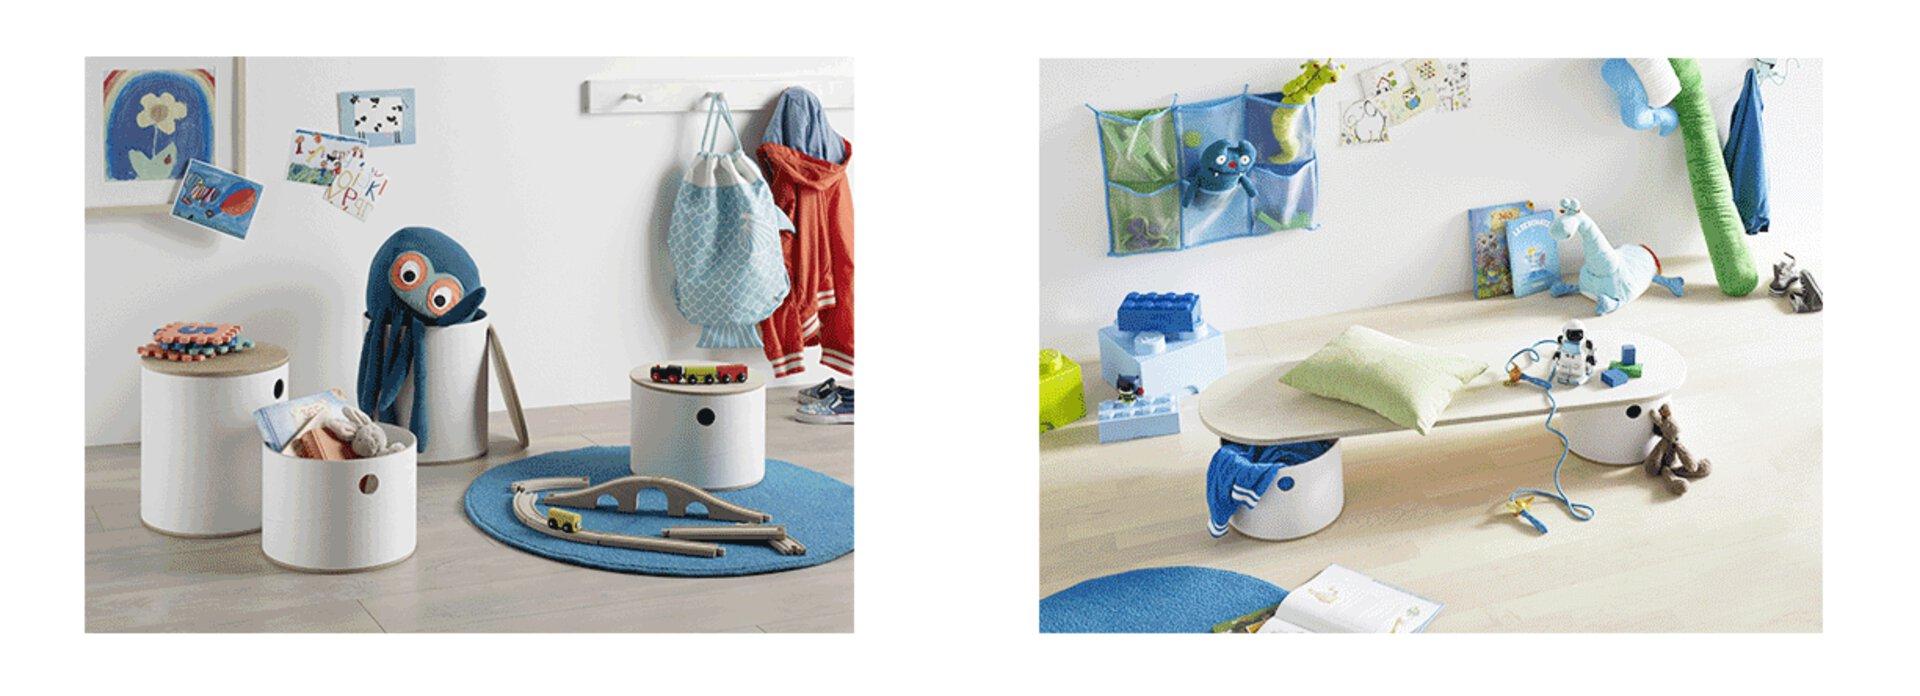 Diese besonderen Möbel lassen sich individuell von Ihnen oder Ihren Kinder bemalen. Lassen Sie sich inspirieren und finden Sie weitere einzigartige Kindermöbel für Ihr Zimmer.